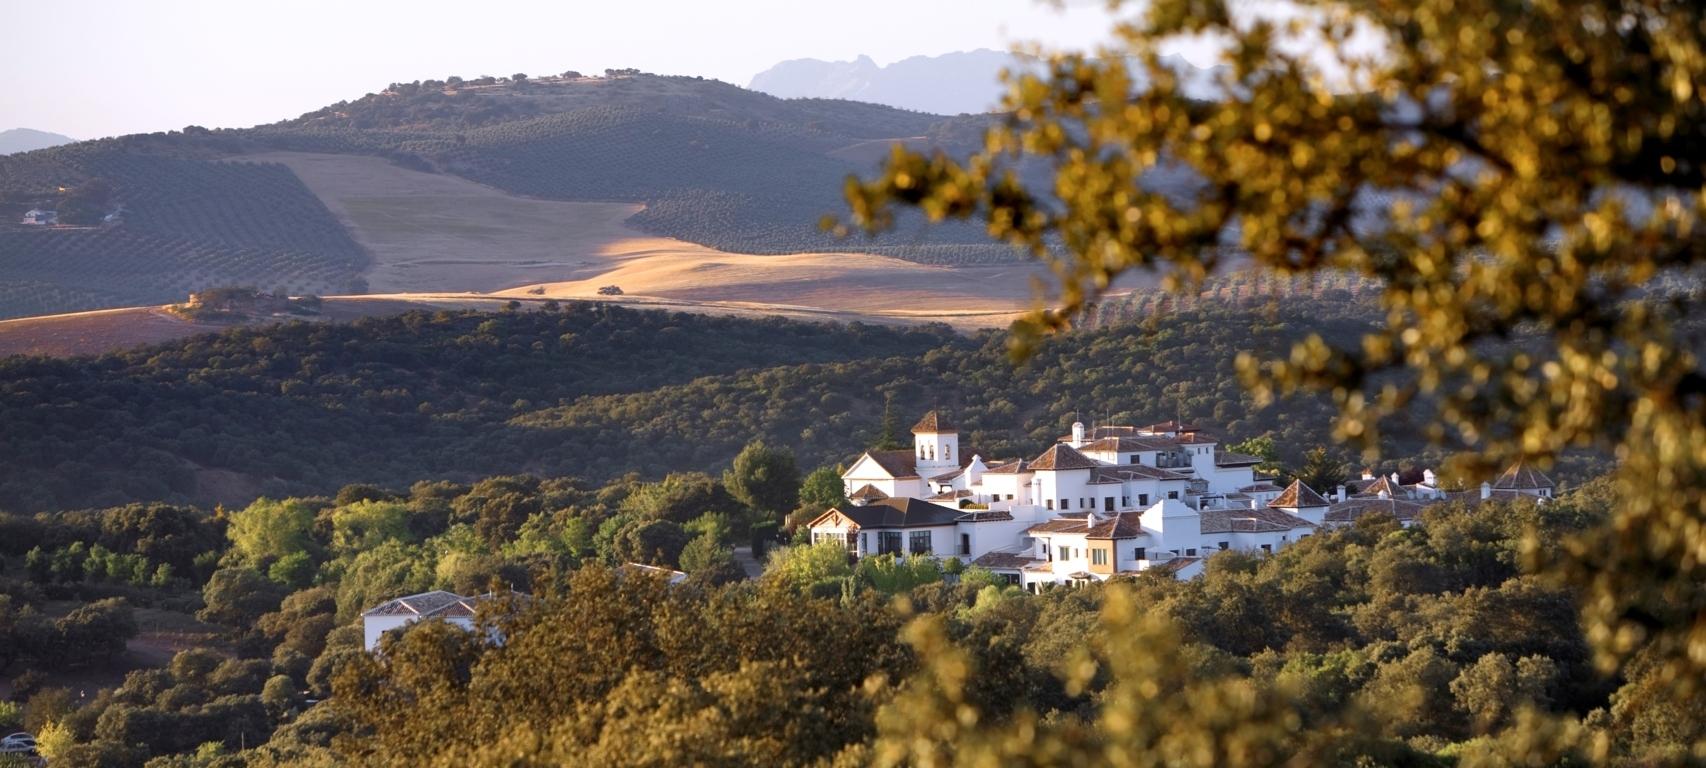 Granada el hotel la bobadilla en la gu a michel n 2017 - Hotel bobadilla granada ...